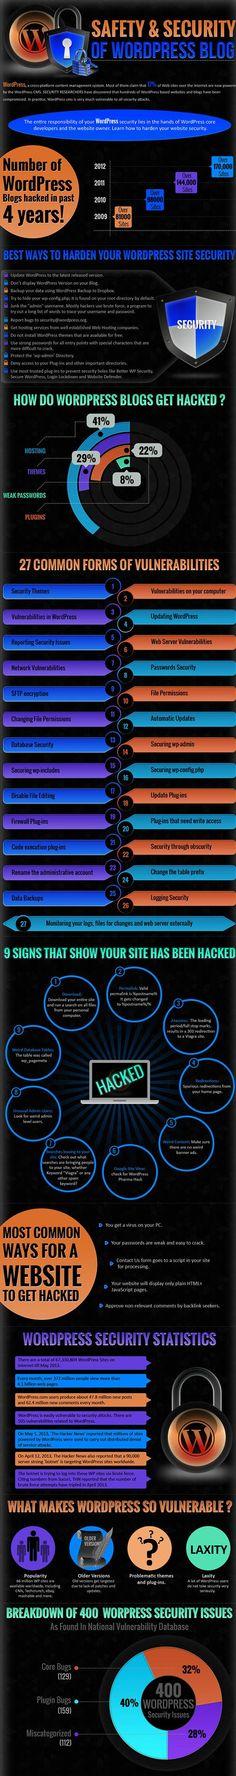 #Infographic #Infografia Security Statistics and hacks on #WordPress blogs,Estadísticas sobre seguridad y hackeos de blogs en WordPress...